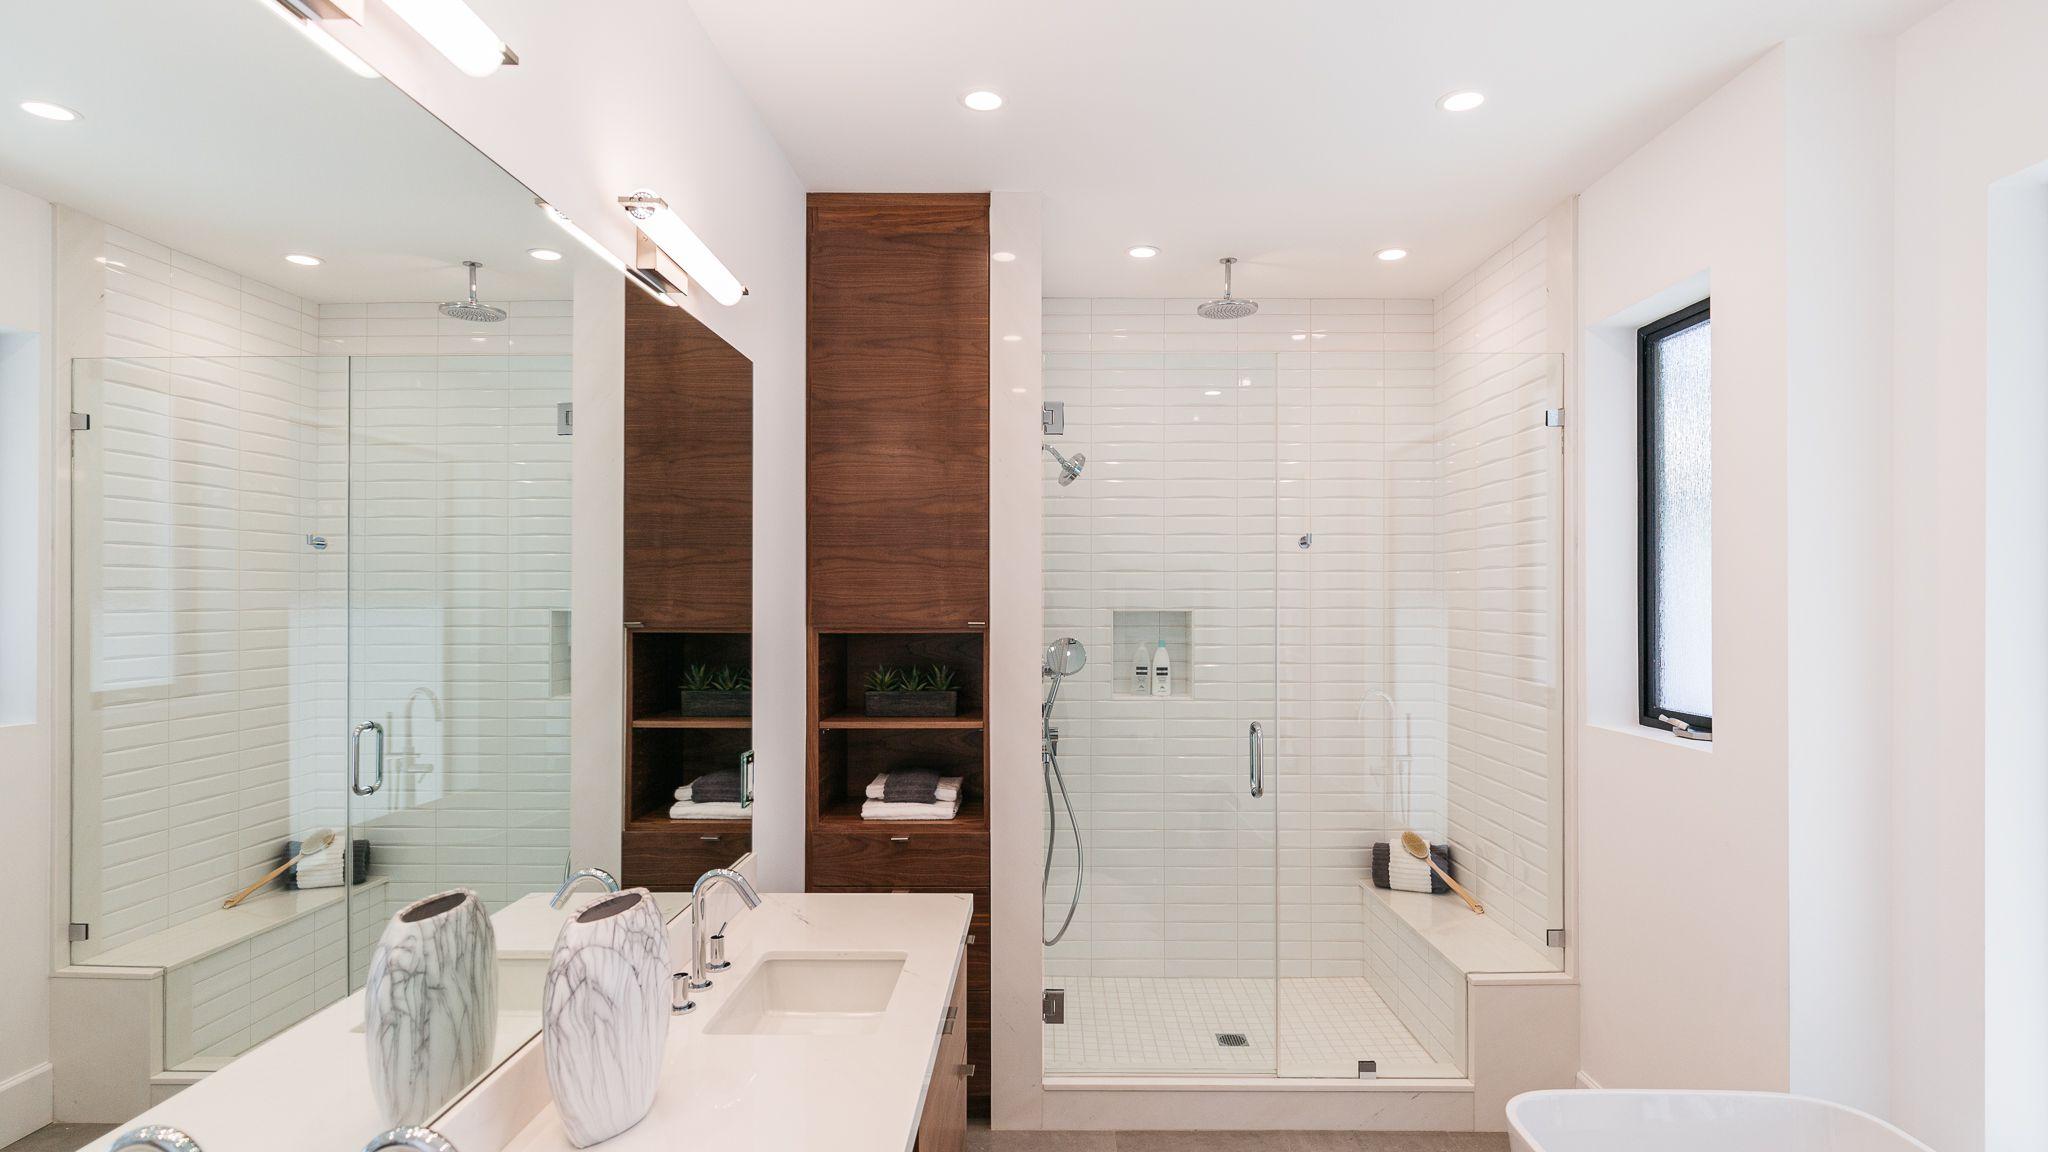 14 Ideas For Modern Style Bathrooms, Trendy Bathroom Decor